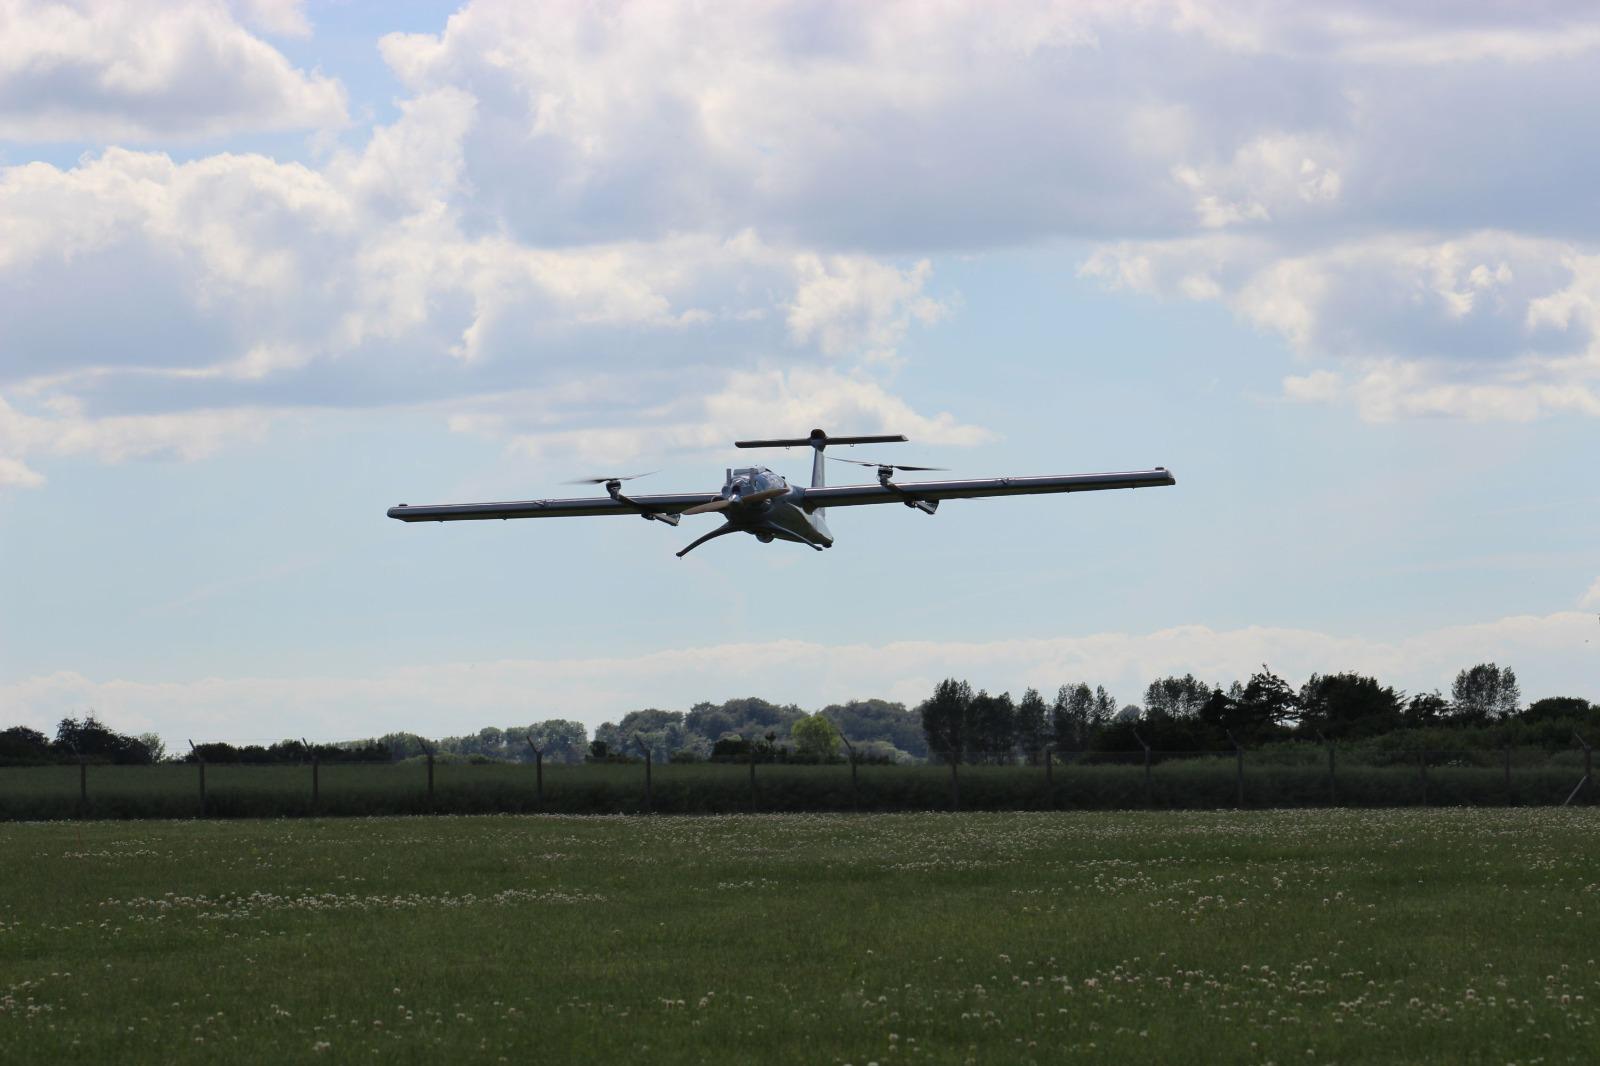 Coşkunöz Holding to Produce VTOL UAVs